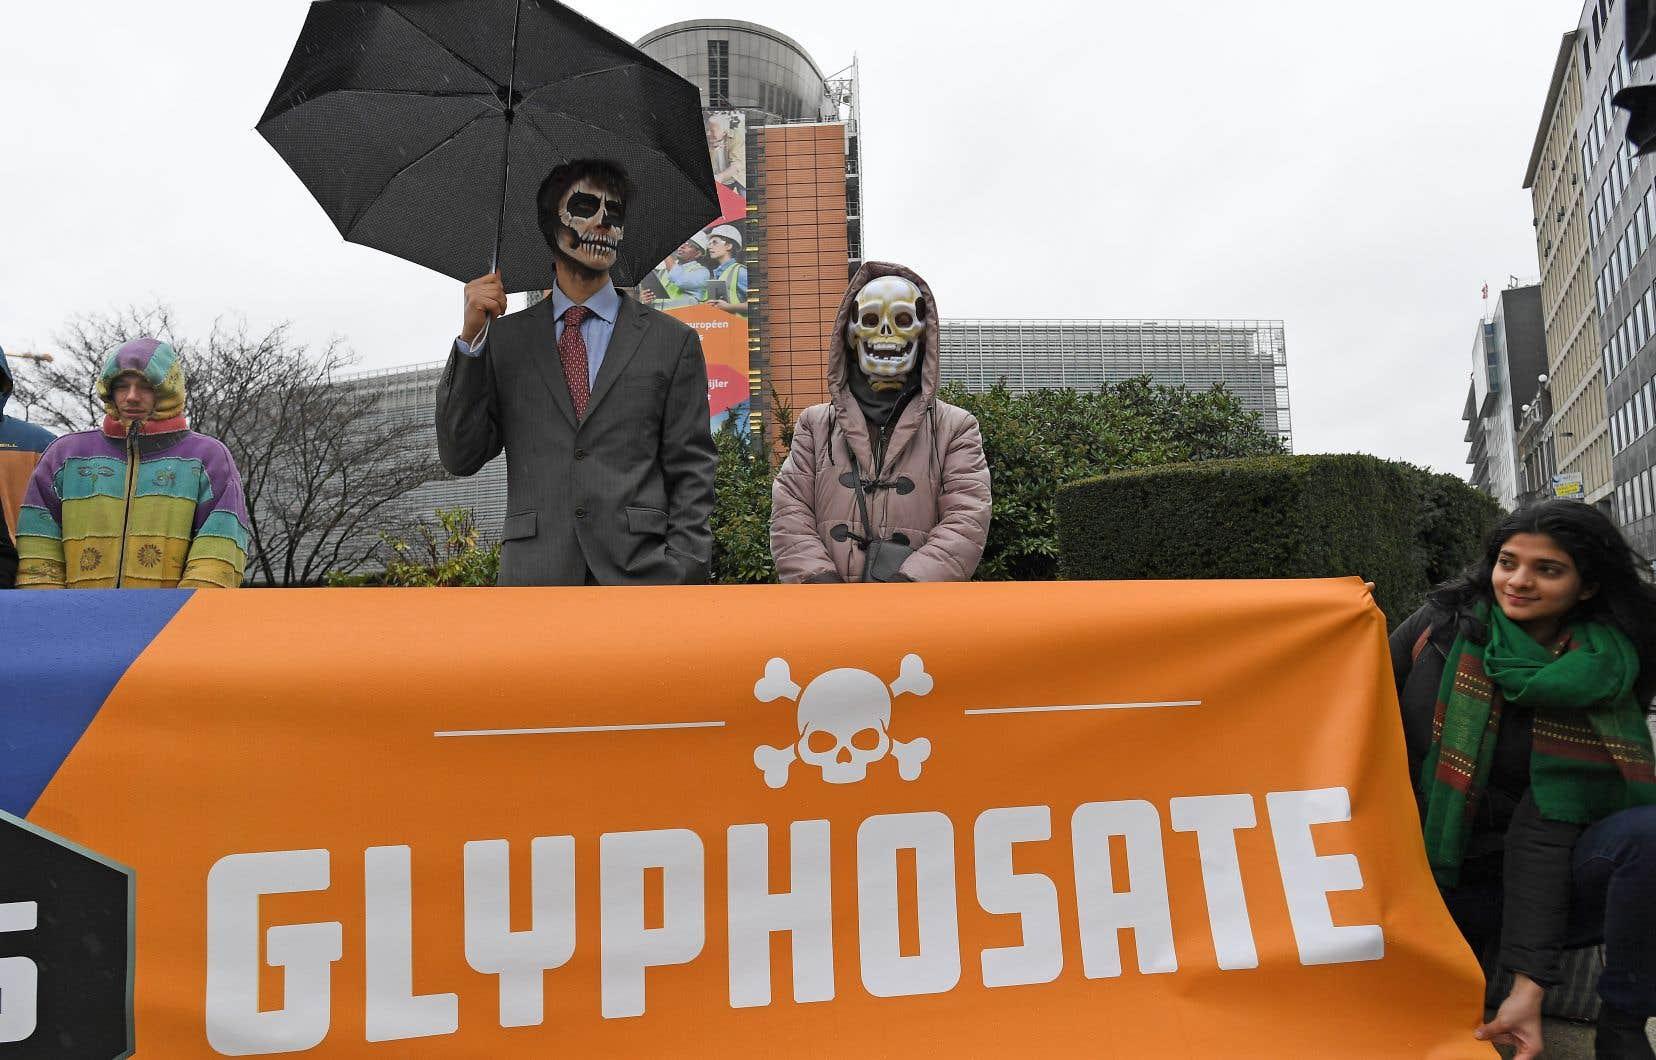 Des écologistes aux visages peints ont personnifié les dirigeants de Monsanto au cours d'une manifestation lundi devant le siège social de l'Union européenne à Bruxelles.